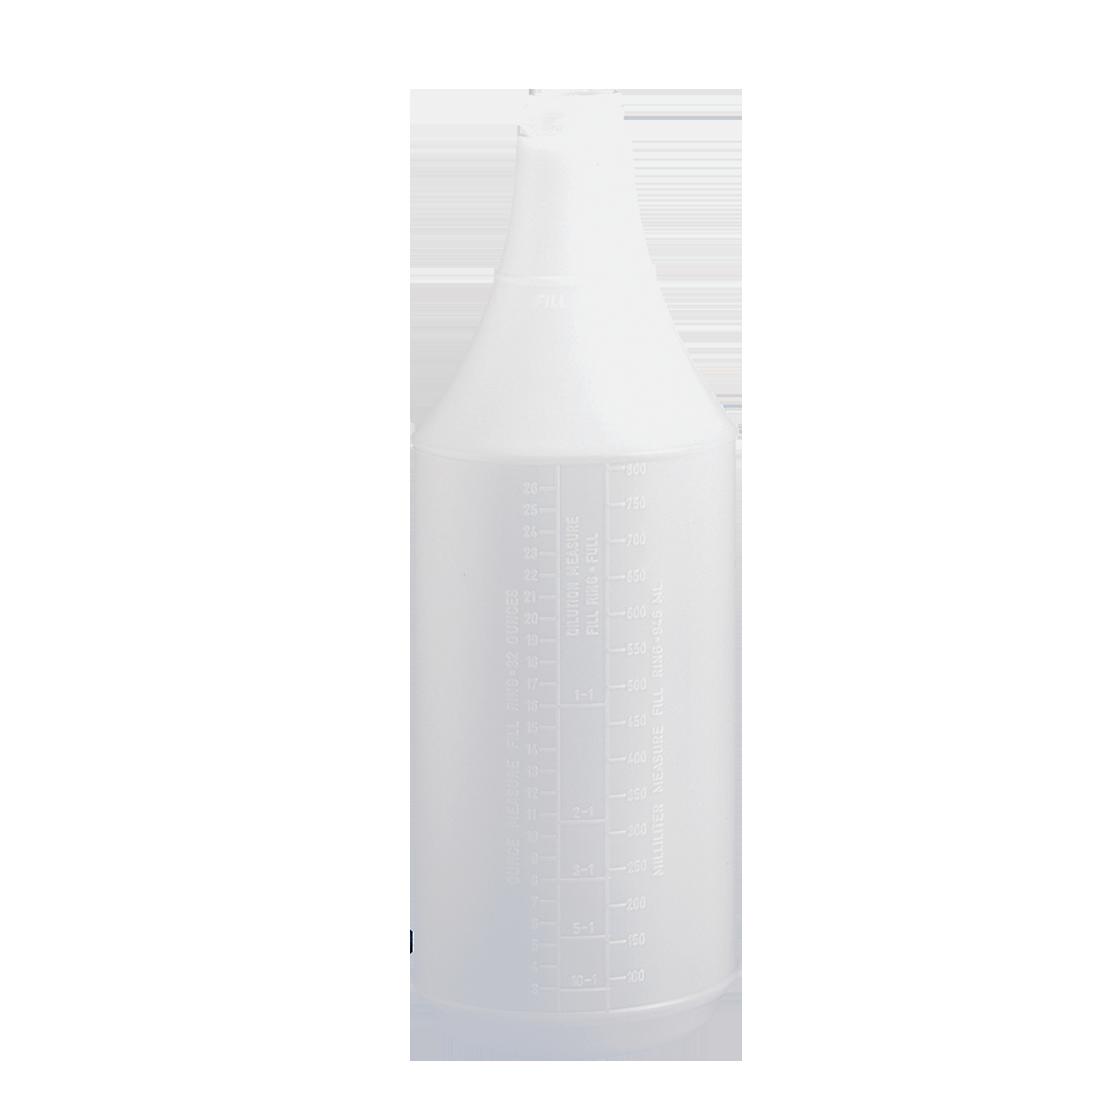 BOTTLE PLASTIC 120125 32 OZ - USE 9-1/4